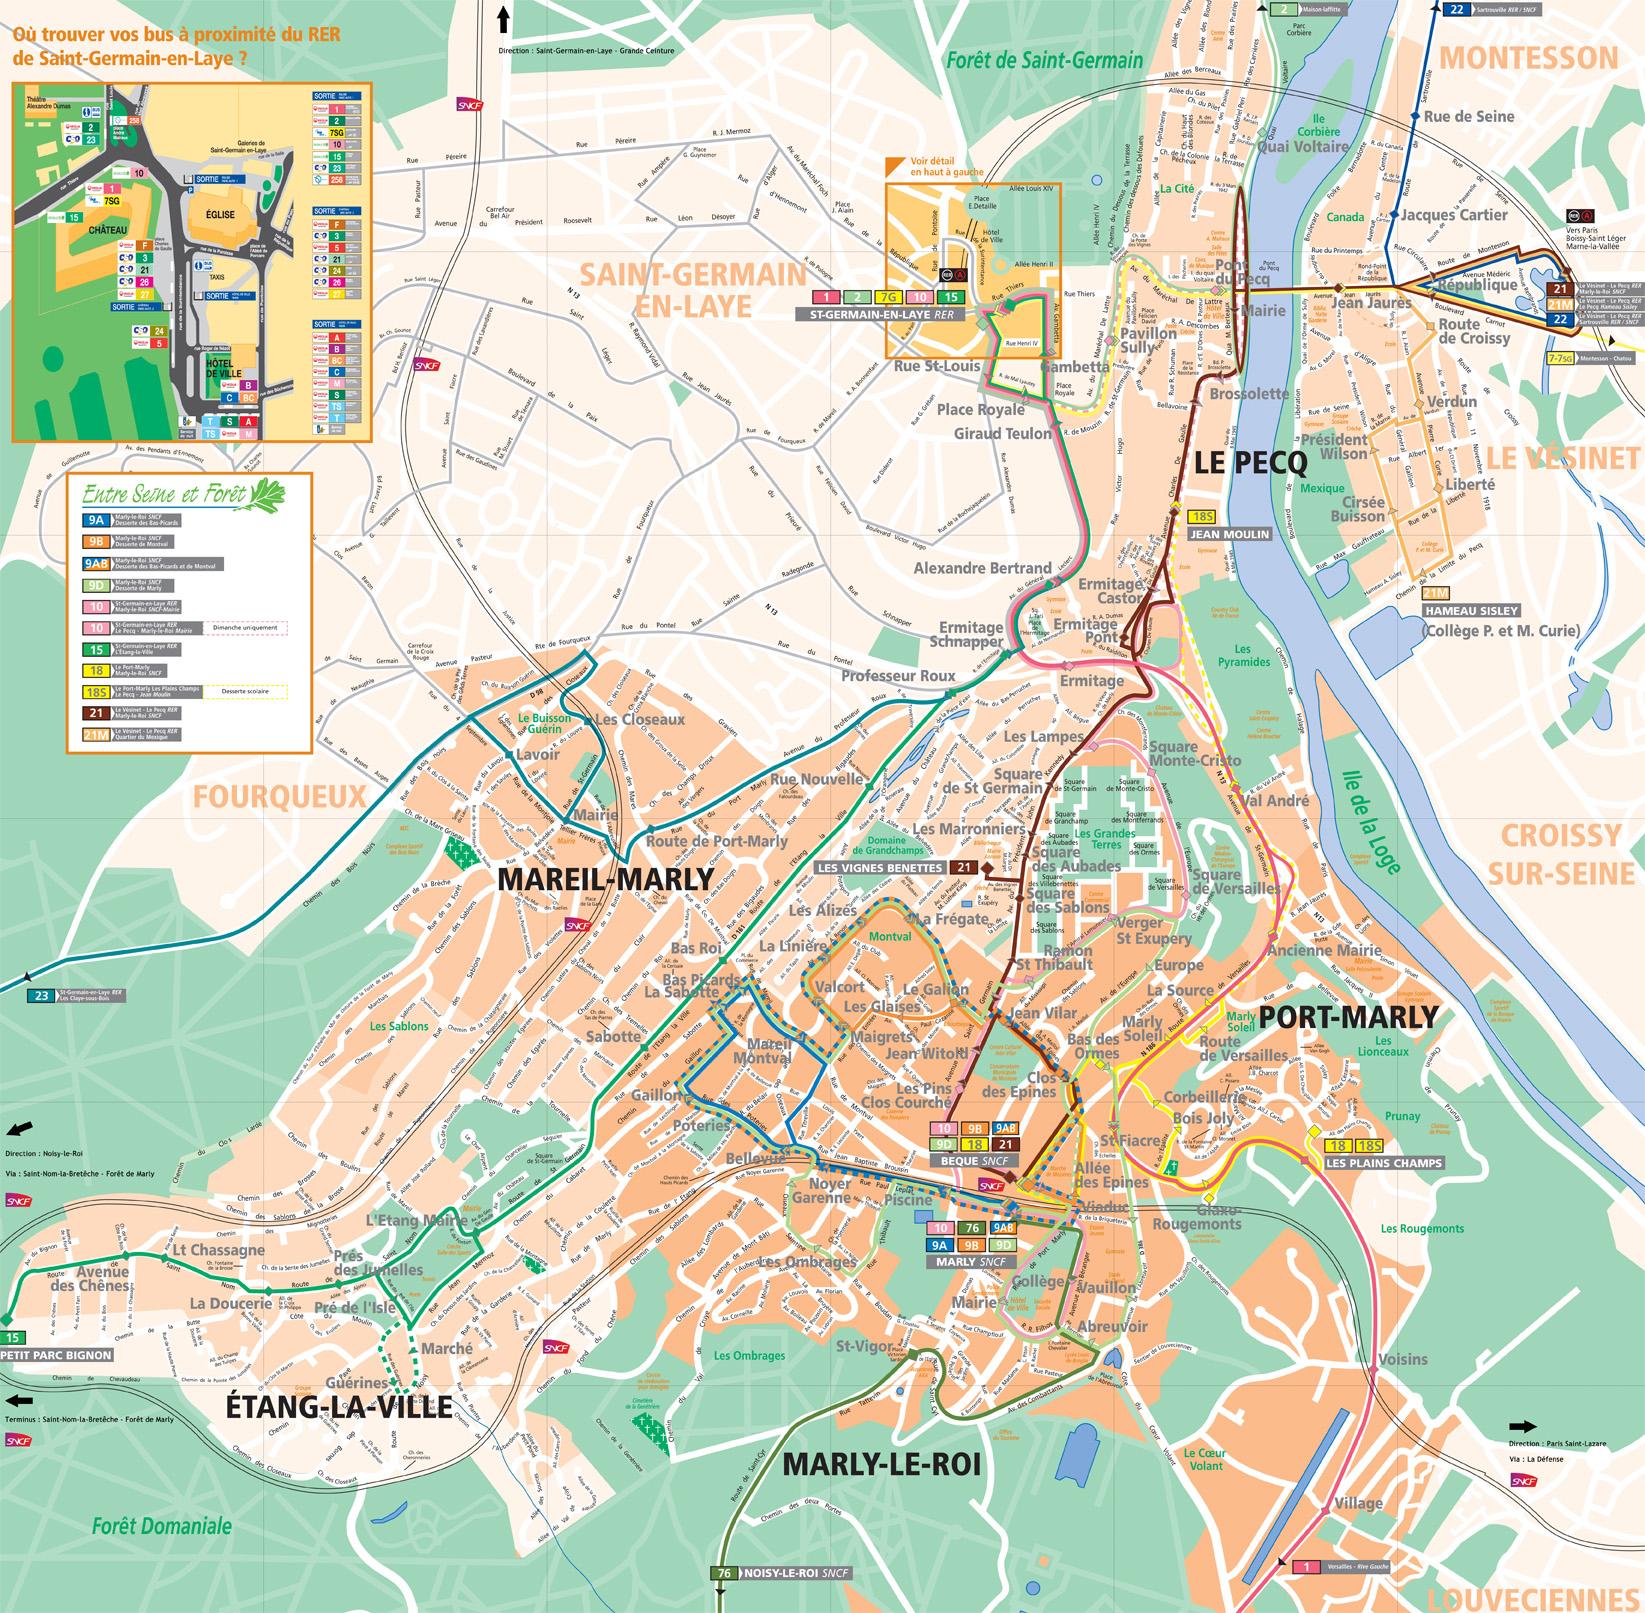 Site officiel de la Ville de Saint Germain en Laye: Saint